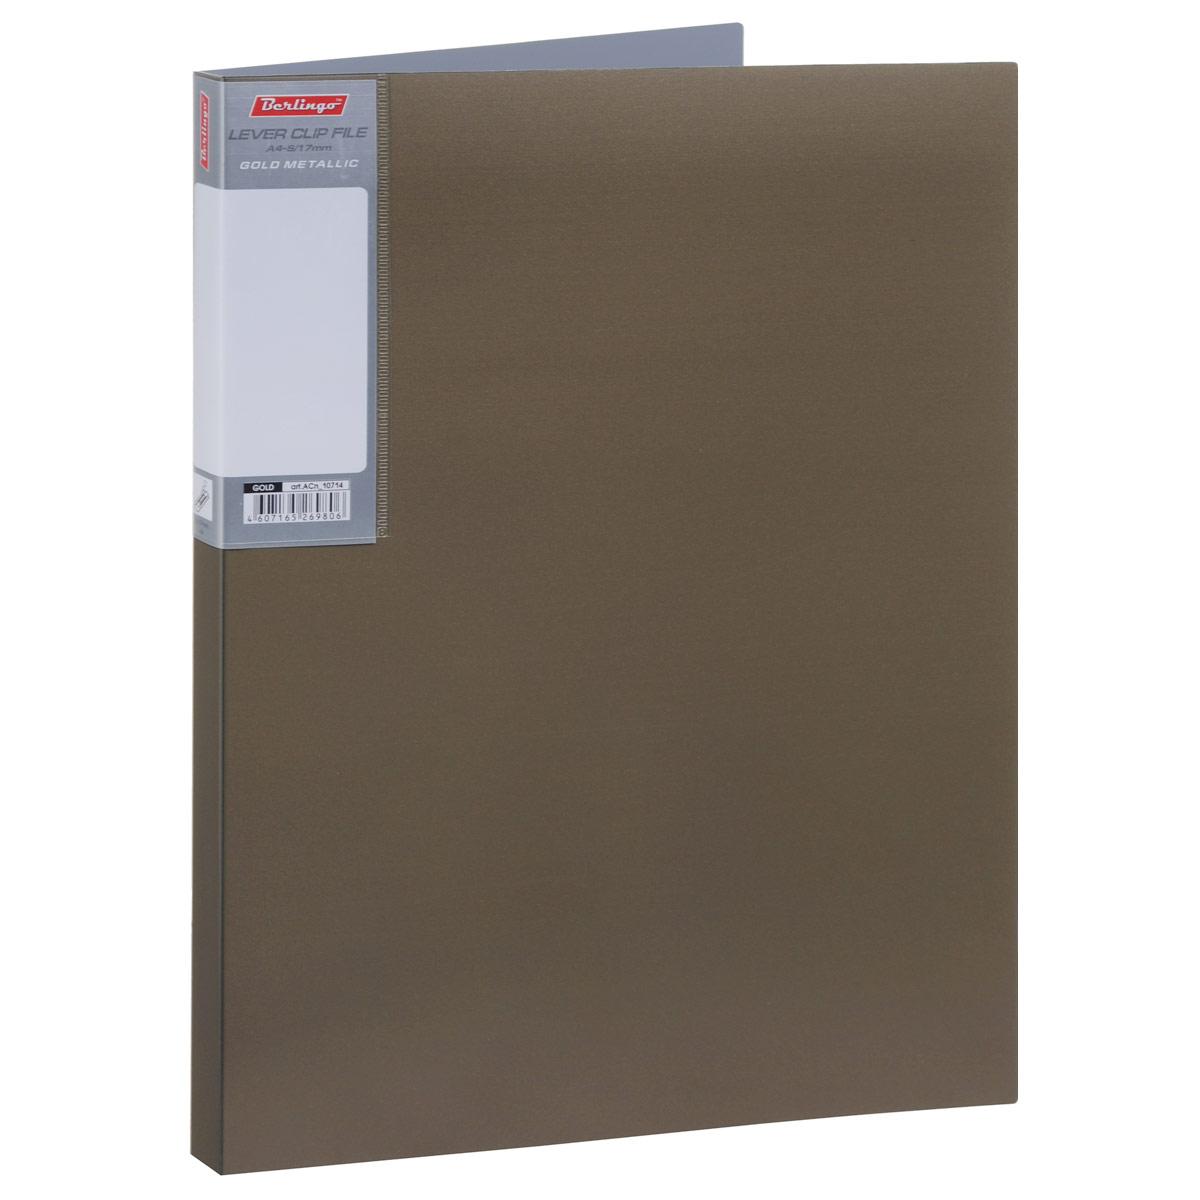 Папка с боковым зажимом Berlingo Metallic, цвет: золотистый. Формат А4ACn_10714Папка Berlingo Metallic - это удобный и практичный офисный инструмент, предназначенный для бережного хранения и транспортировки без перфорации рабочих бумаг и документов формата А4. Папка изготовлена из плотного пластика толщиной 0,8 см, оснащена не повреждающим бумагу металлическим прижимным механизмом и внутренним прозрачным кармашком, а также дополнена кармашком на корешке со съемной этикеткой для маркировки. Папка надежно сохранит ваши документы и сбережет их от повреждений, пыли и влаги.